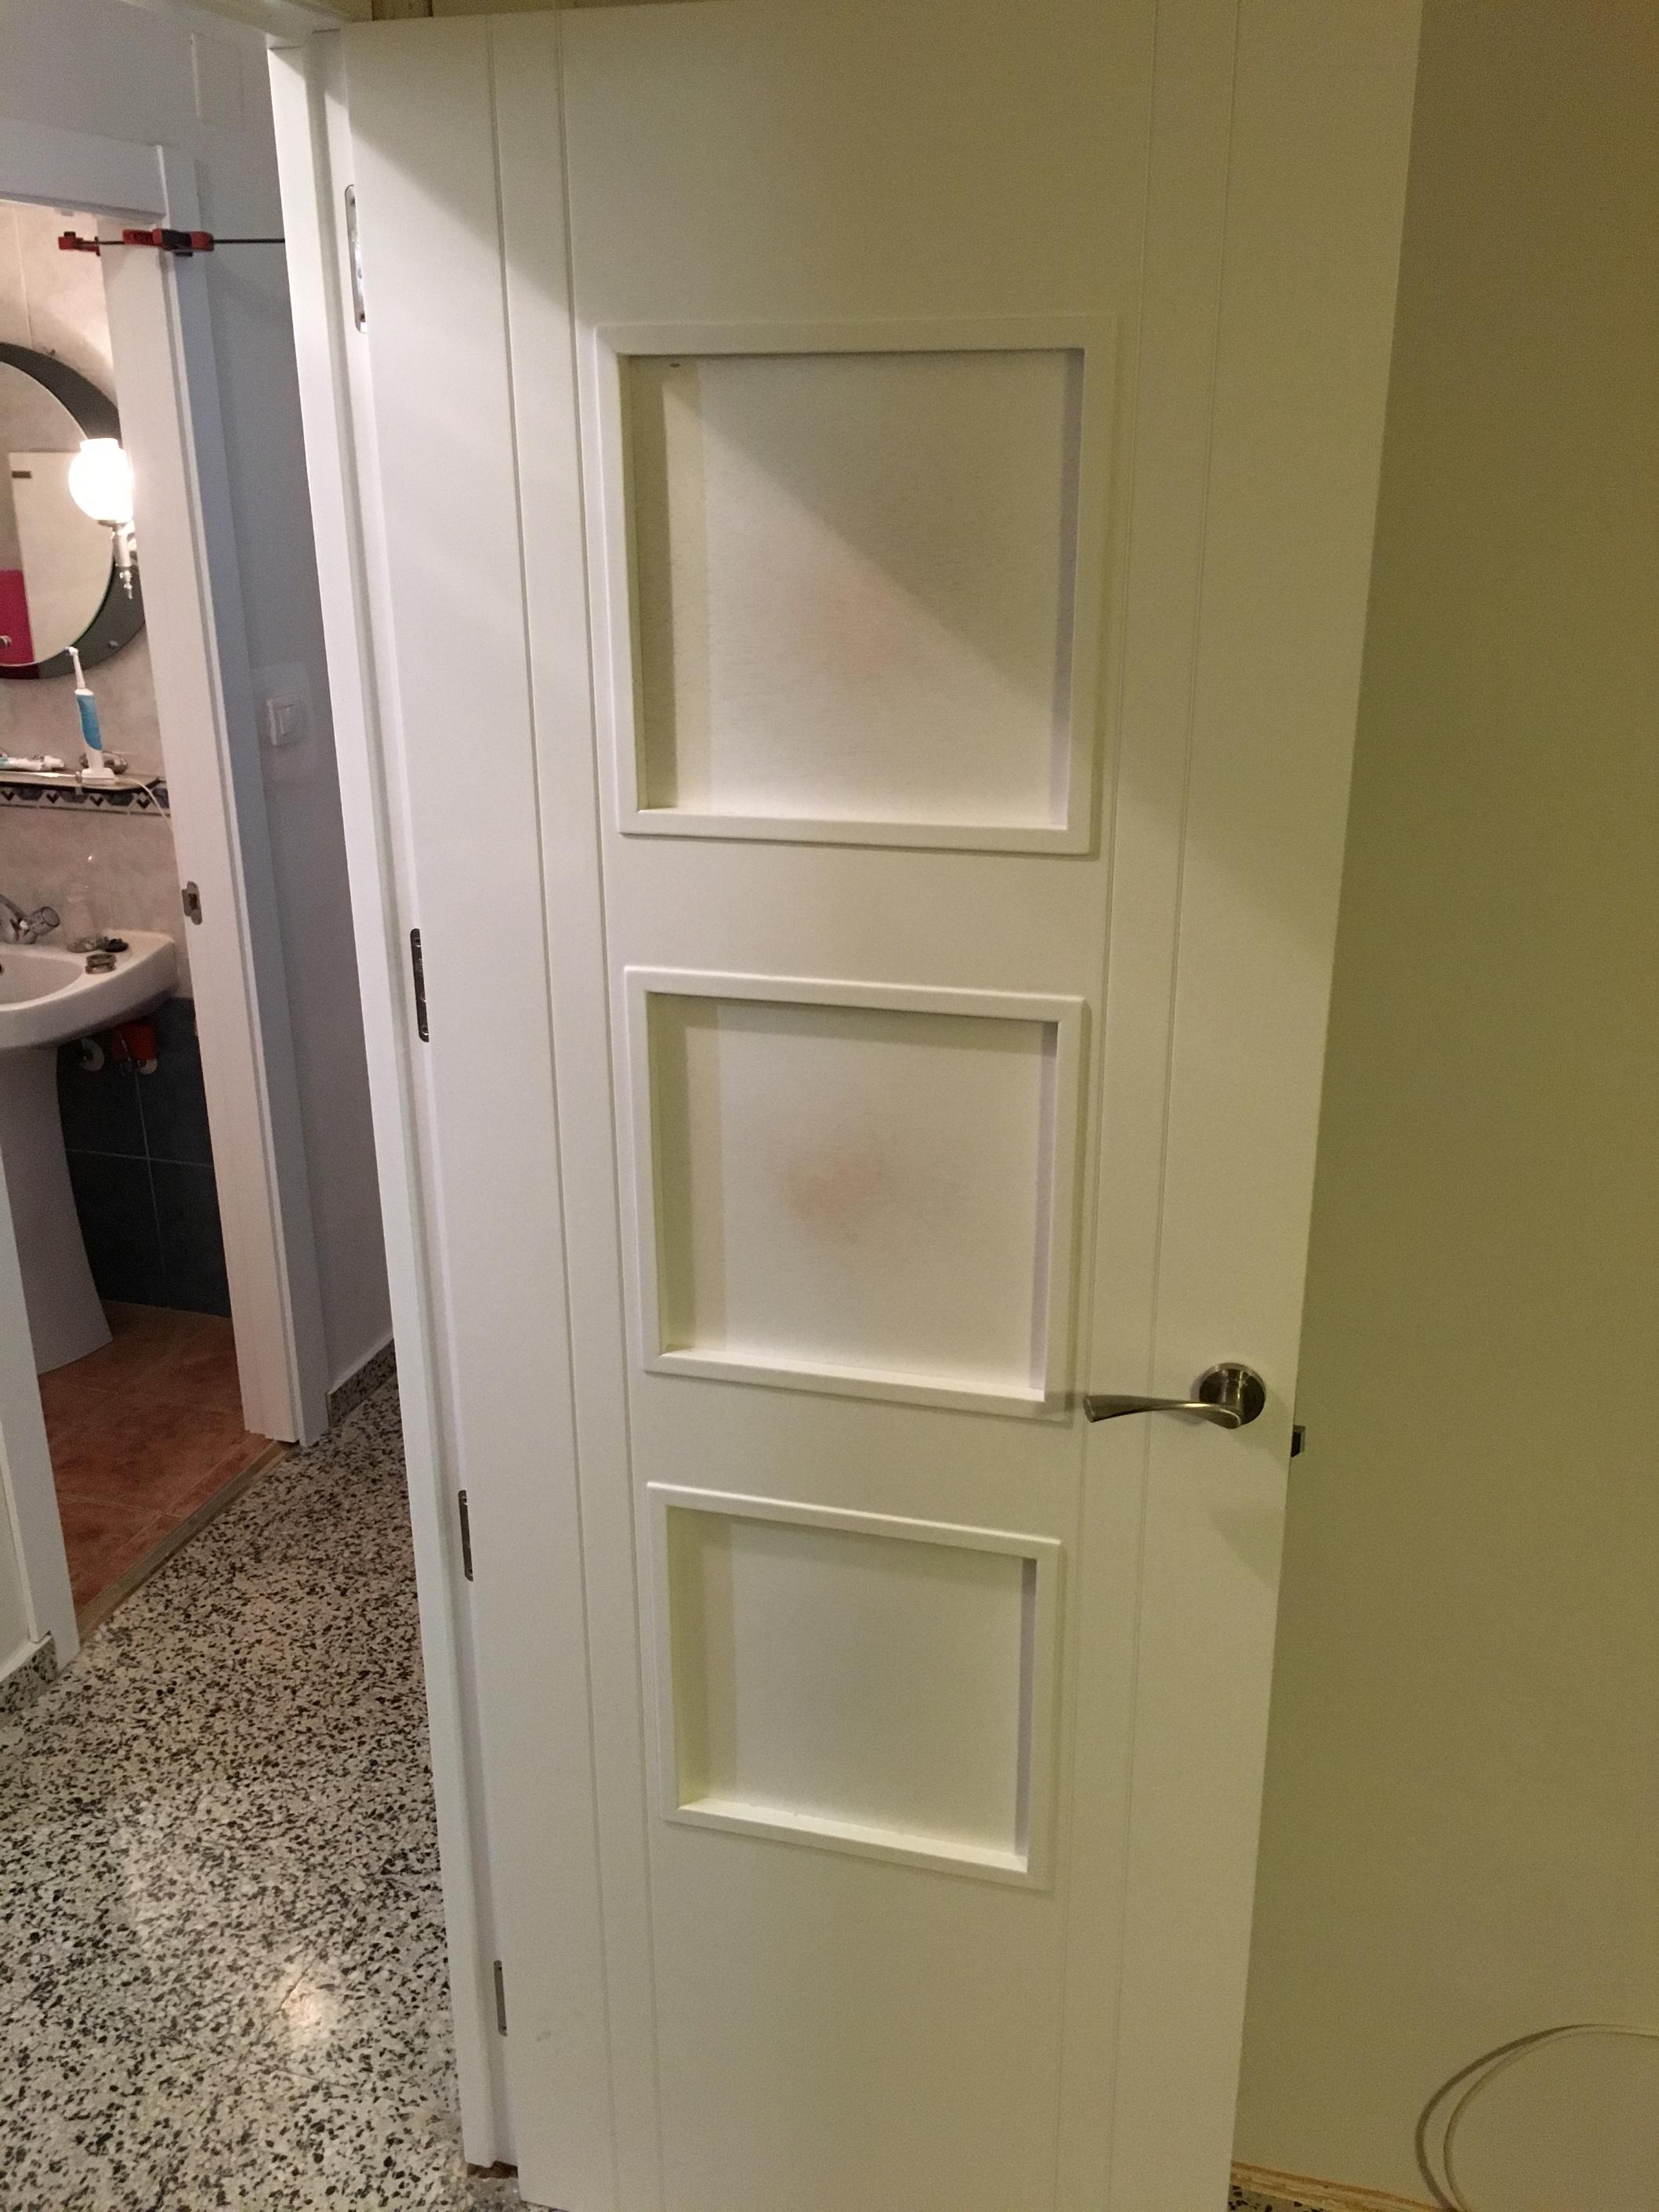 Trabajos realizados puertas lacadas blancas en granada for Puertas macizas blancas